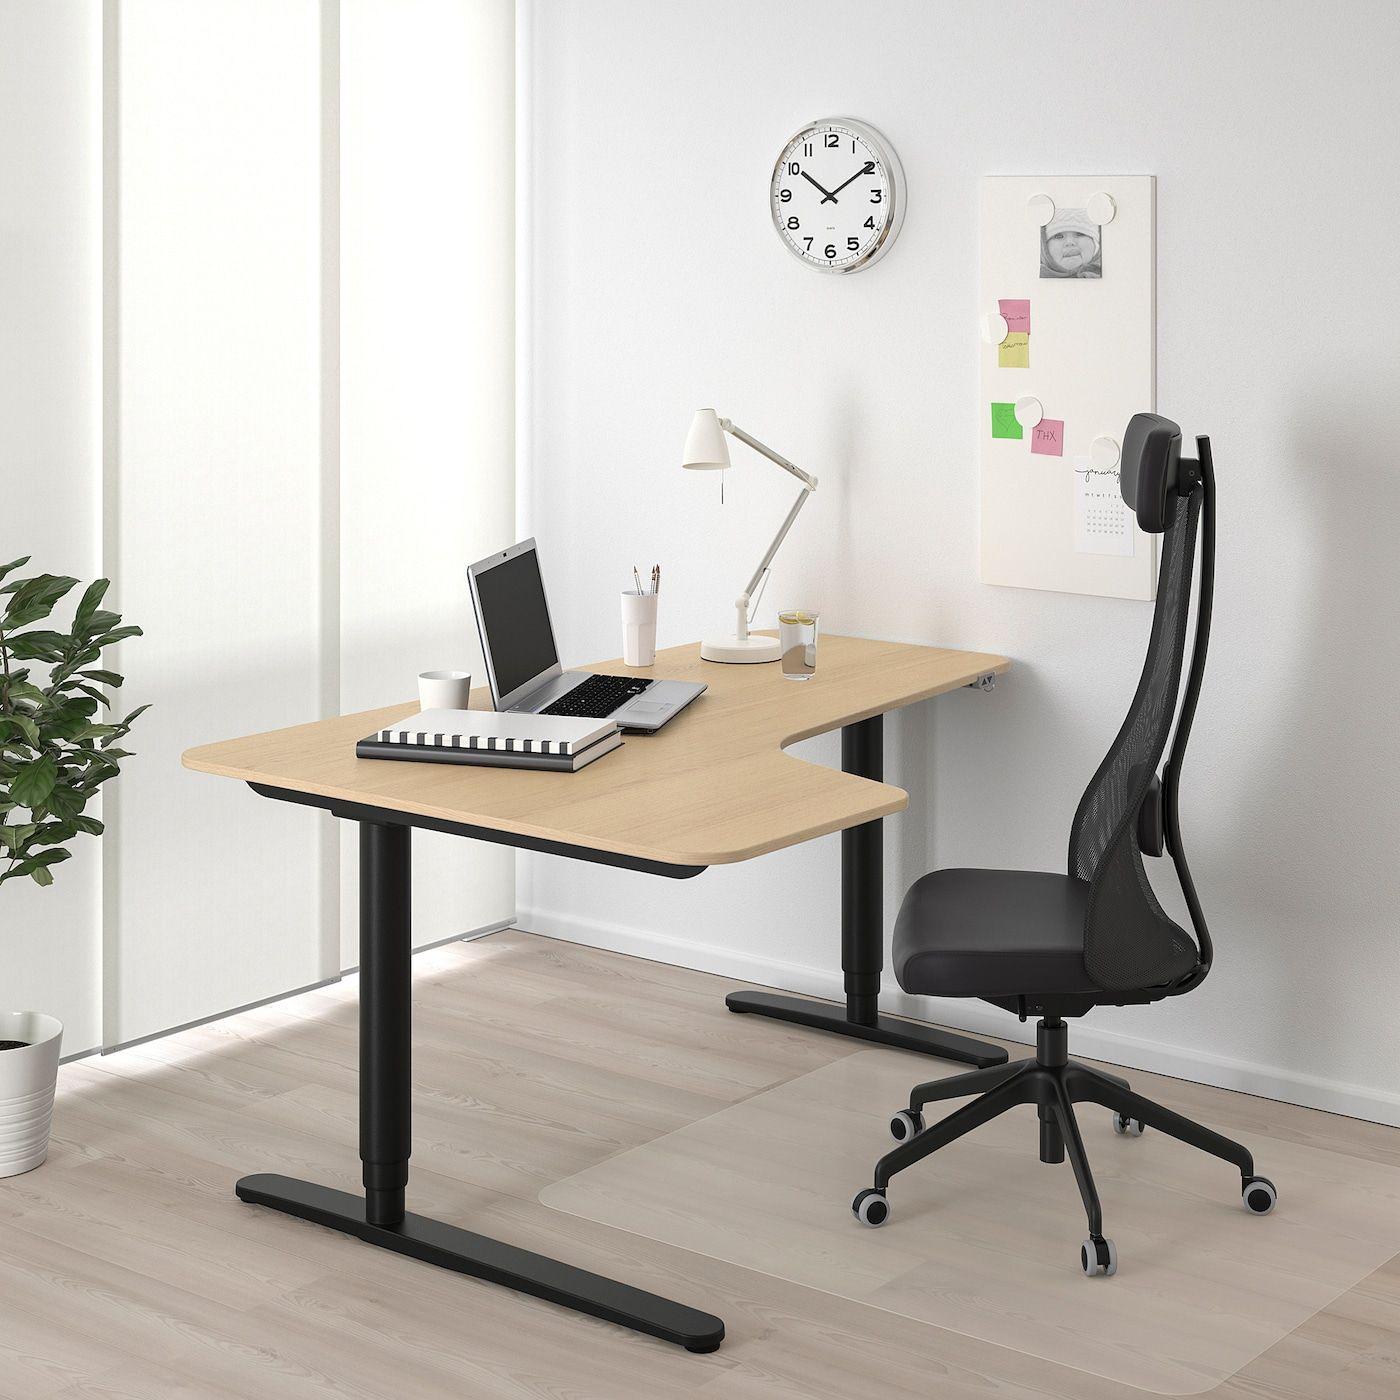 Bekant Corner Desk Left Sit Stand White Stained Oak Veneer Black Ikea In 2020 Ikea Bekant Ikea Bekant Desk Reception Desk Black